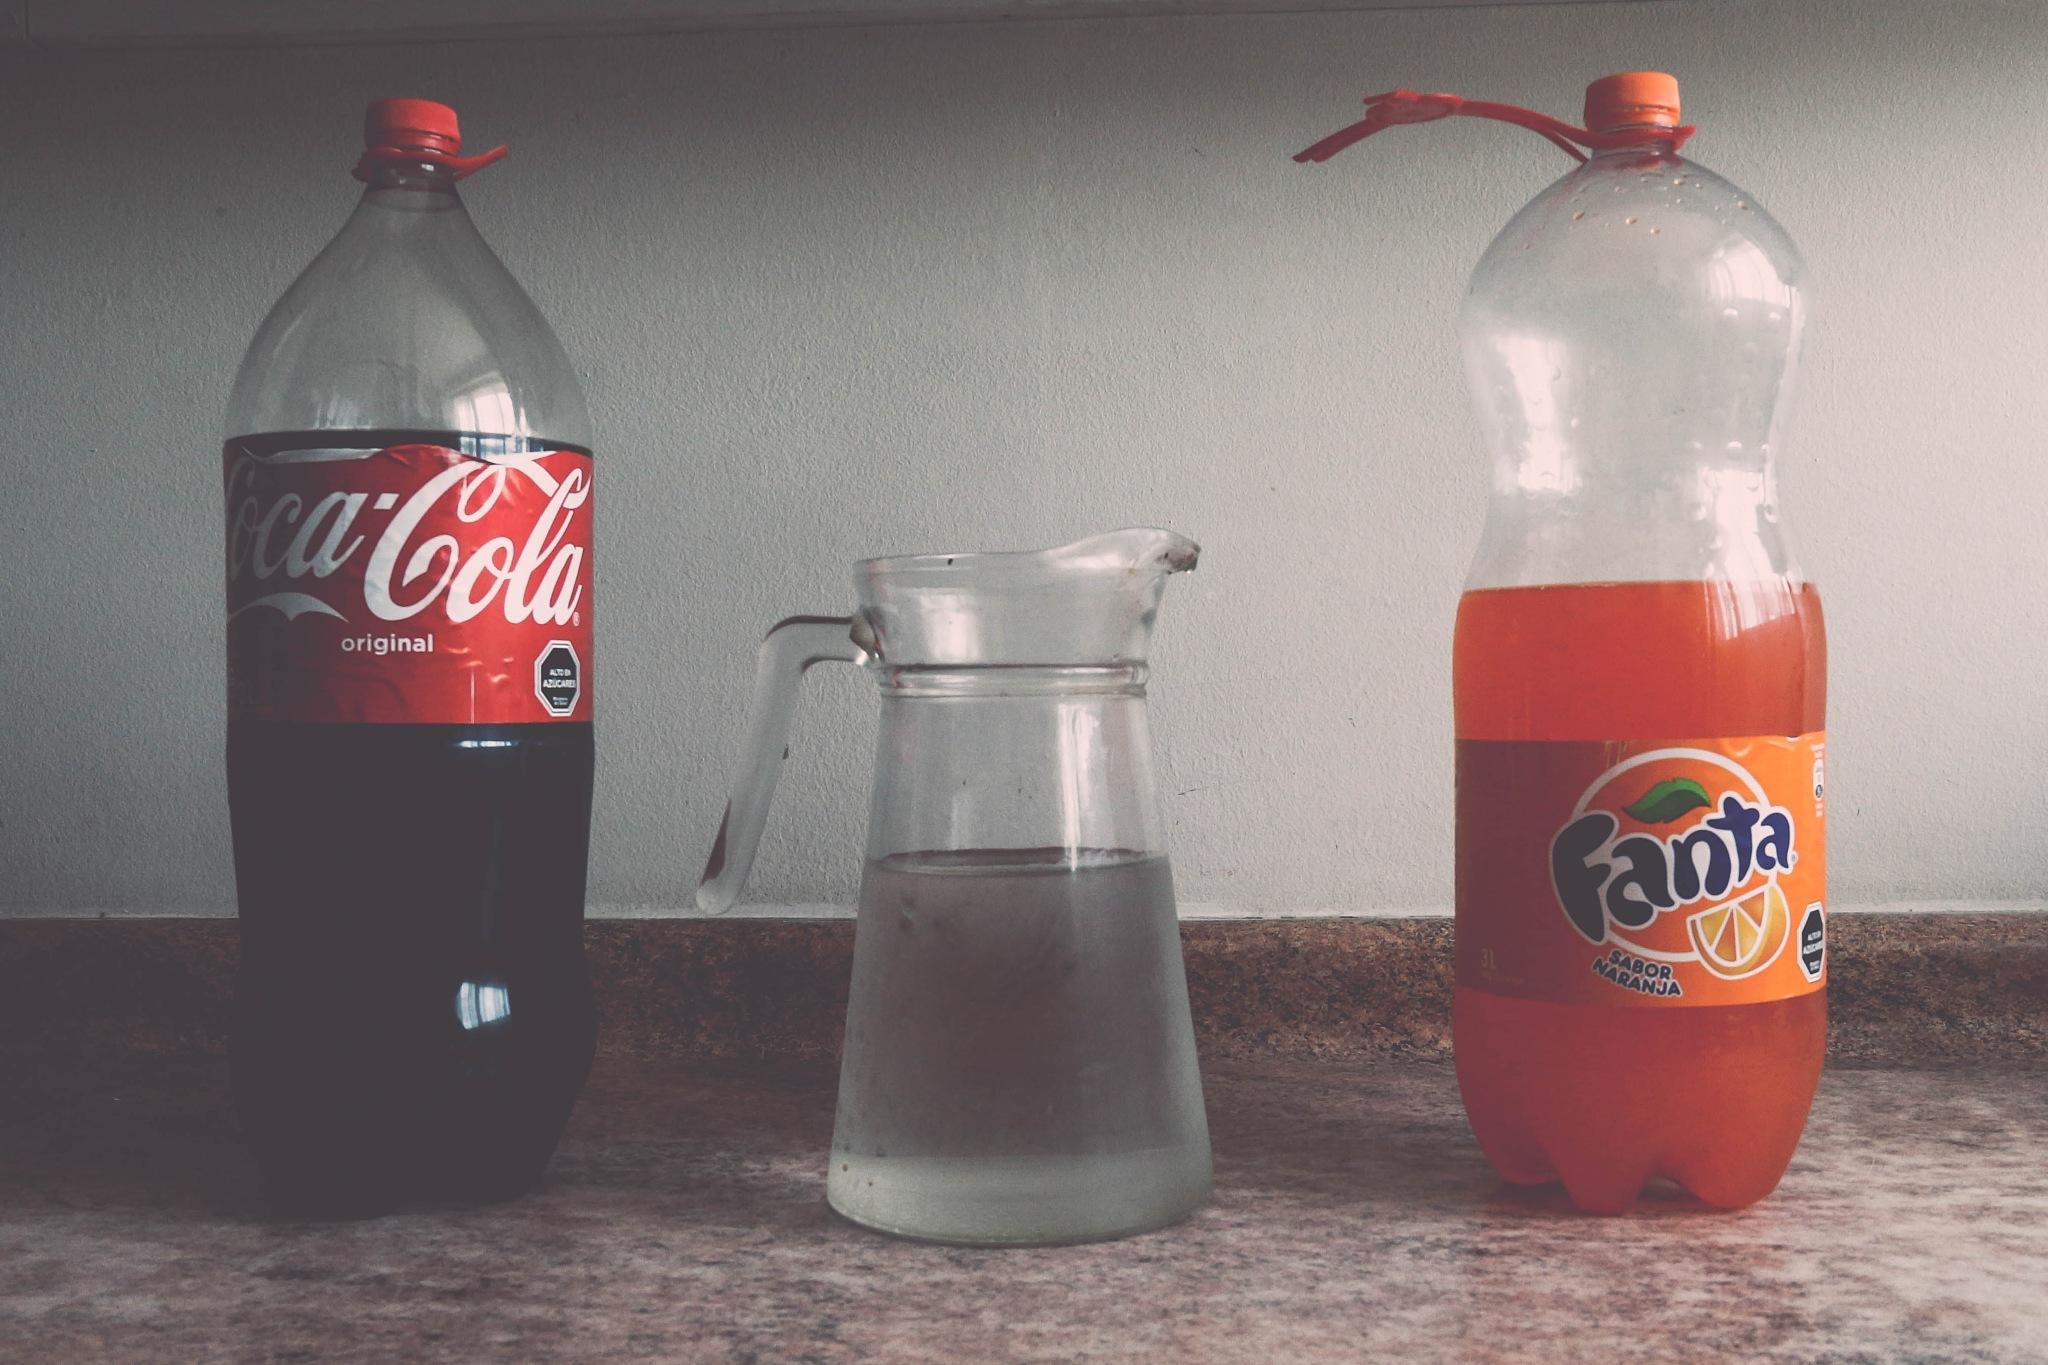 Mamá, qué bebida es la del medio? by marcoyanezmatamala